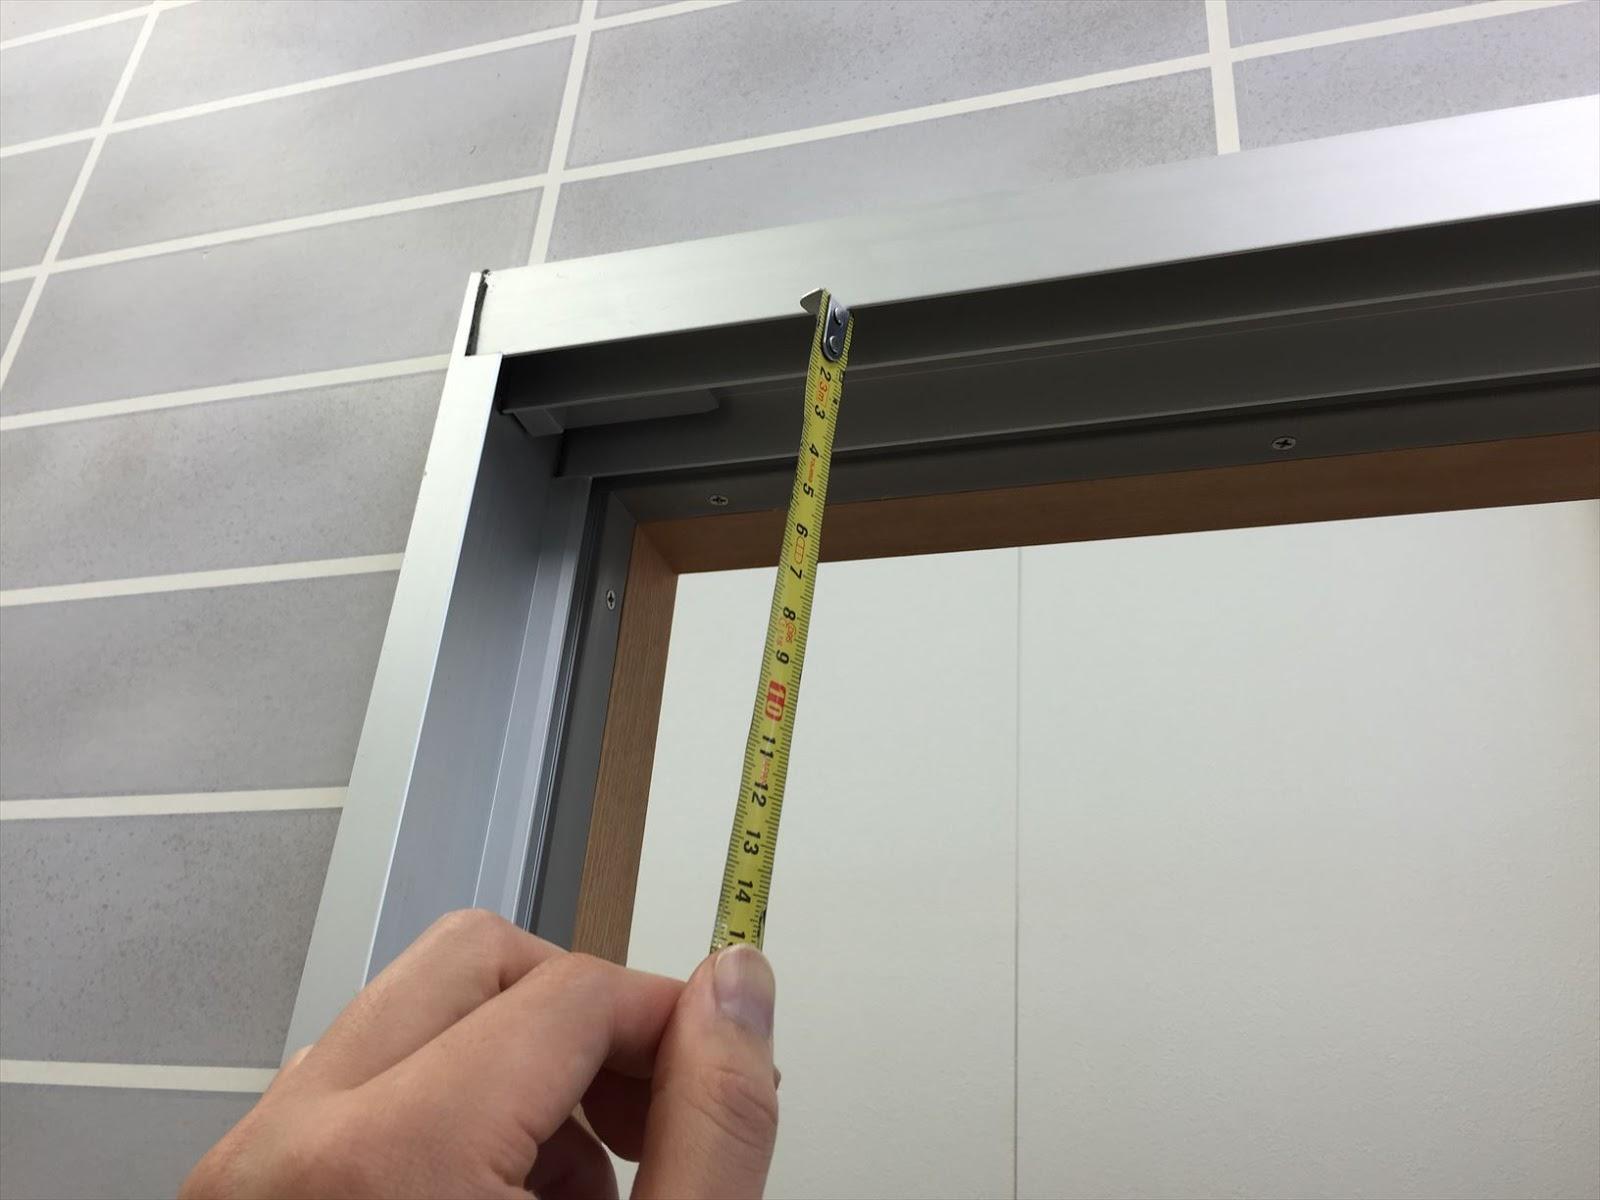 高さ(網戸レール間寸法)